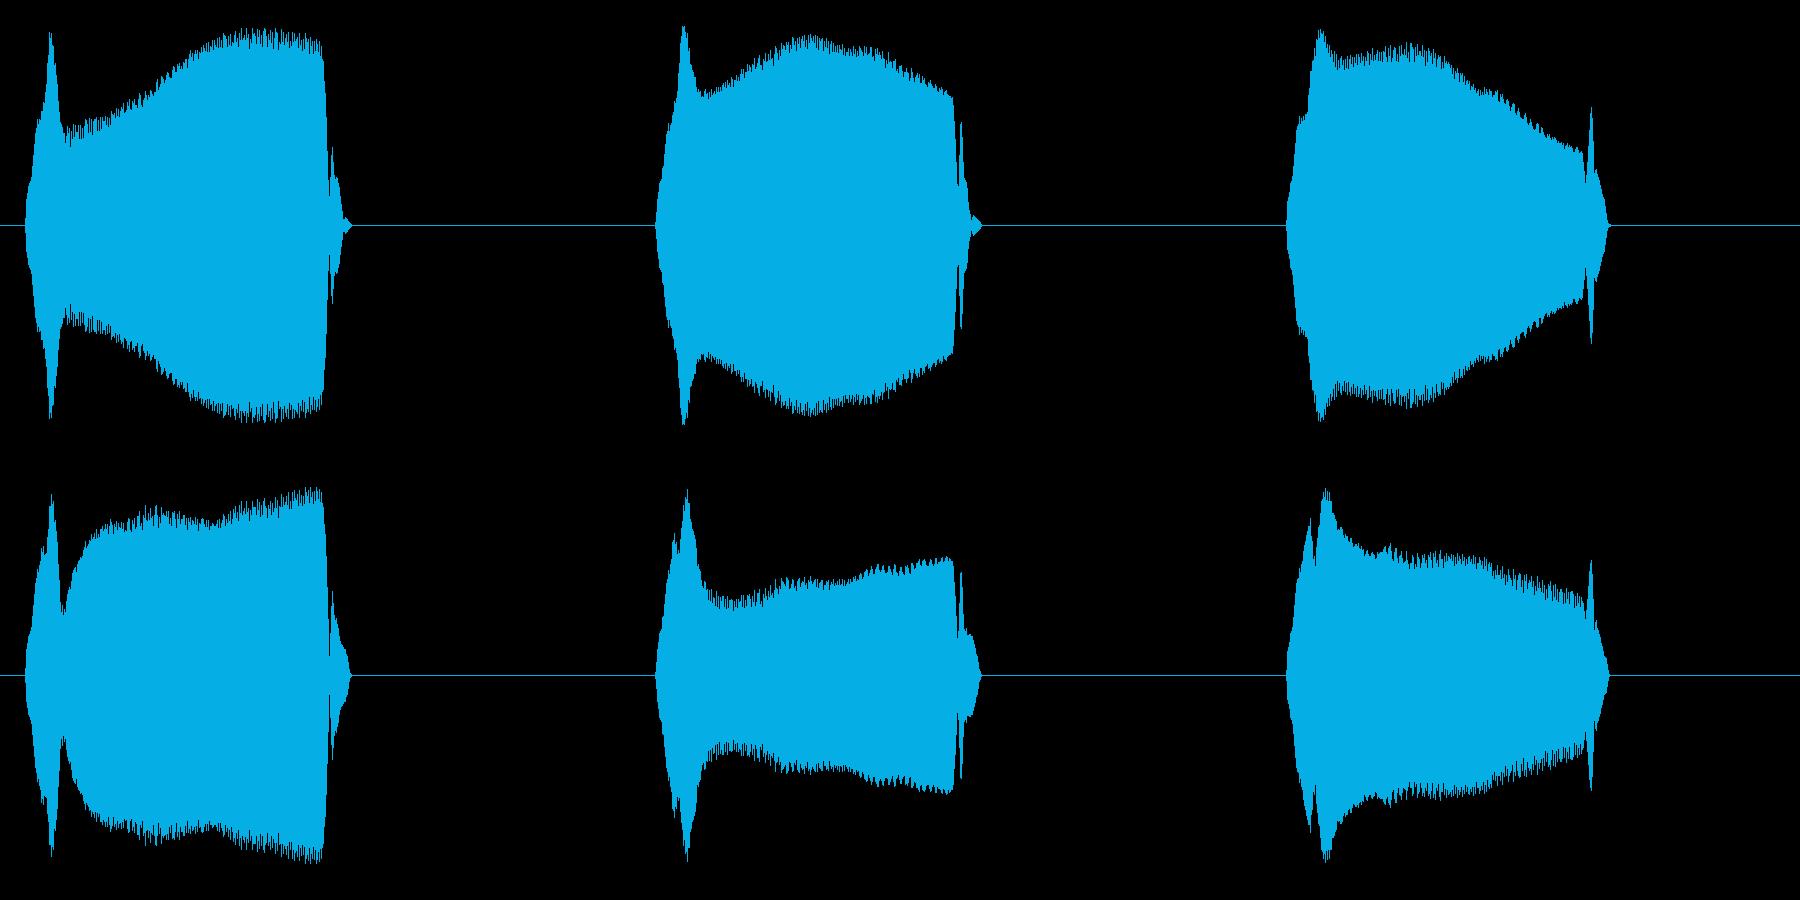 リアルな携帯/スマホのバイブ効果音01!の再生済みの波形